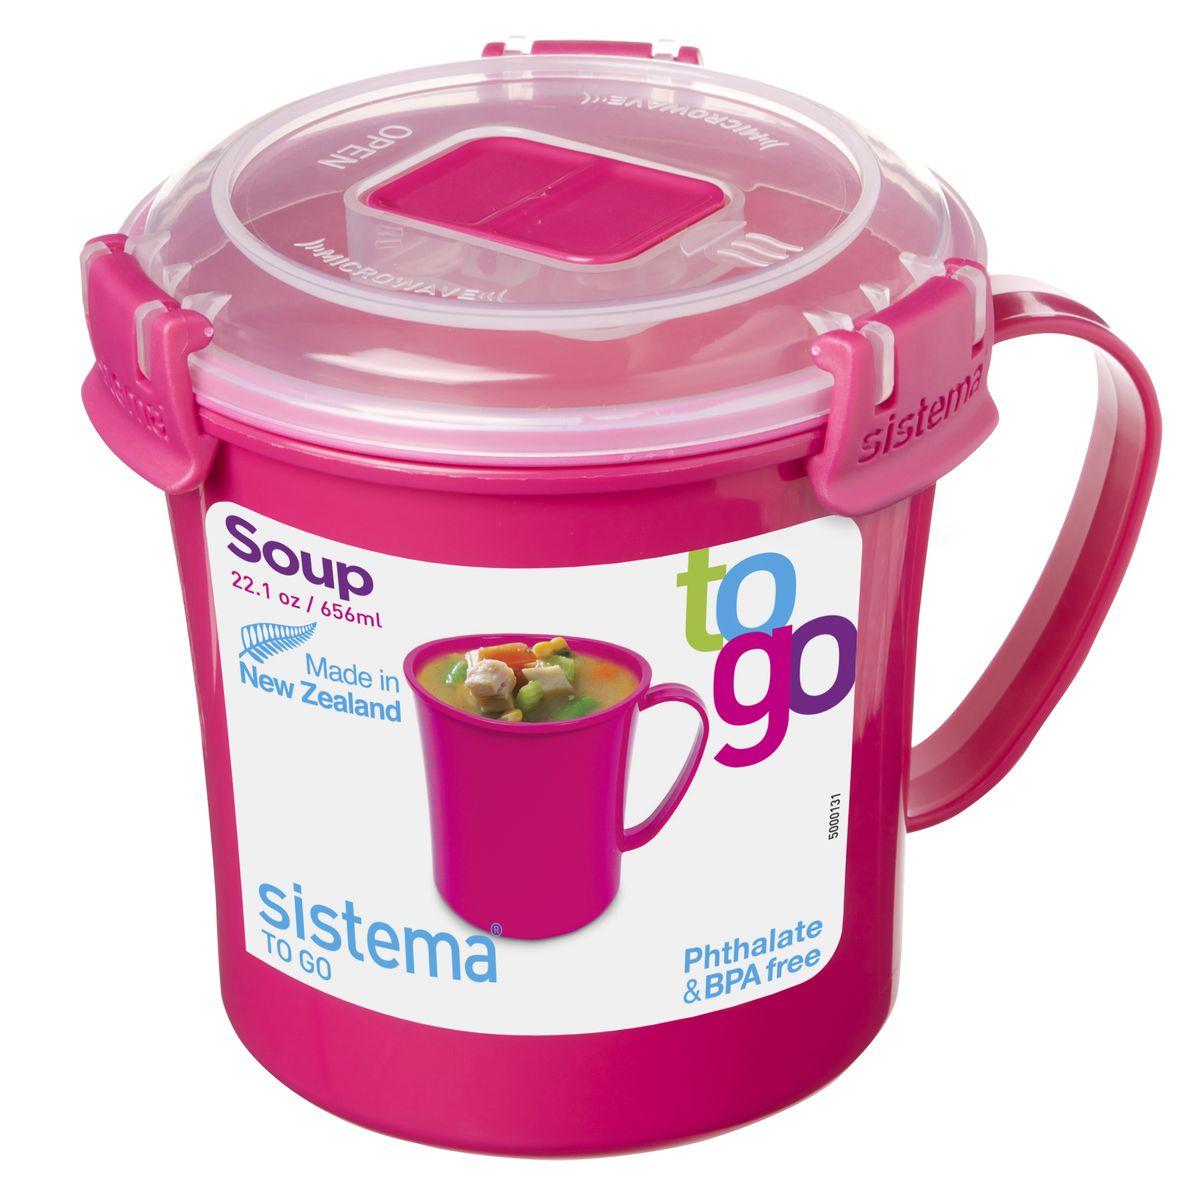 Кружка суповая Sistema TO-GO, цвет: малиновый, 656 мл1С0111Кружка суповая Sistema TO-GO создана для людей, ведущих активный образ жизни. Кружка с надежной защитой от протечек позволит взять с собой горячий суп на пикник, в офис или в поездку. На крышке имеется силиконовая прокладка, которая способствует герметичному закрыванию. Контейнер надежно закрывается клипсами, которые при необходимости можно заменить.Можно мыть в посудомоечной машине.